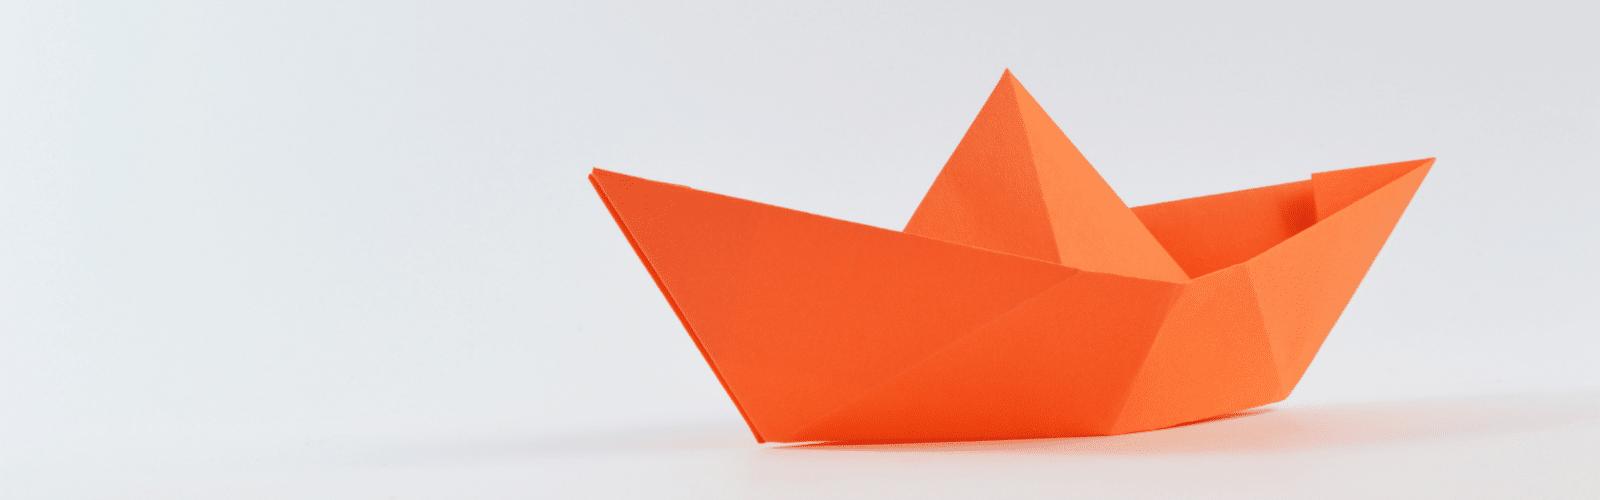 Origami pour enfant : 13 figures simples à réaliser